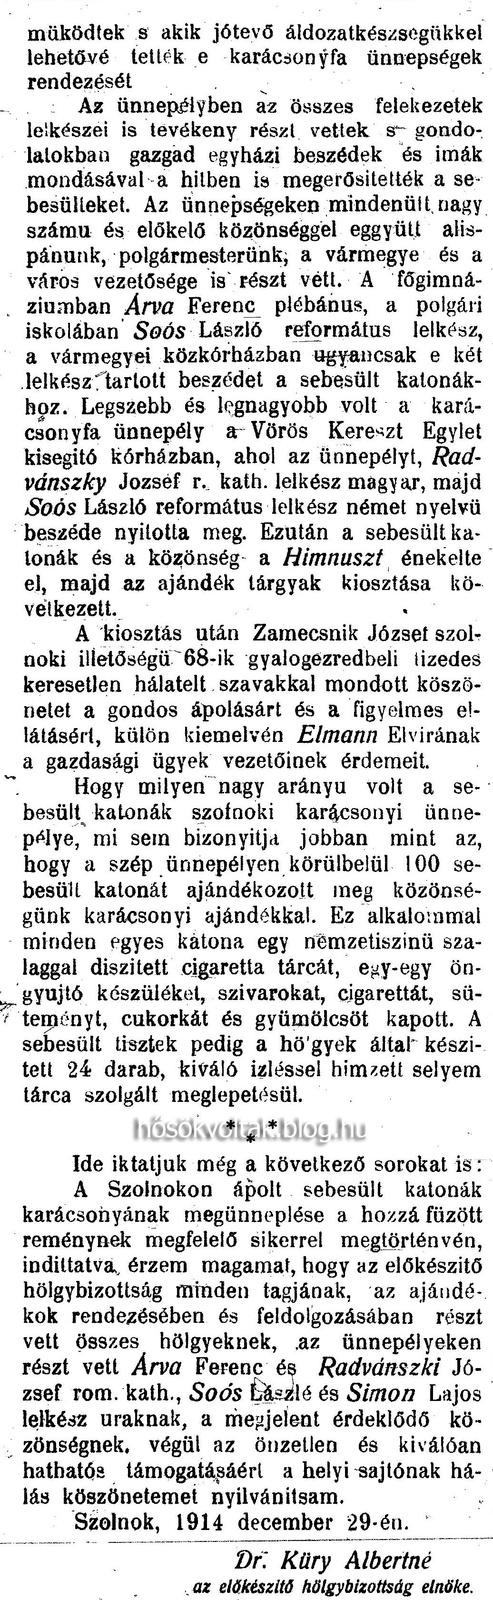 szolarchiv: 1915-01-03--03 karácsonyi cikk